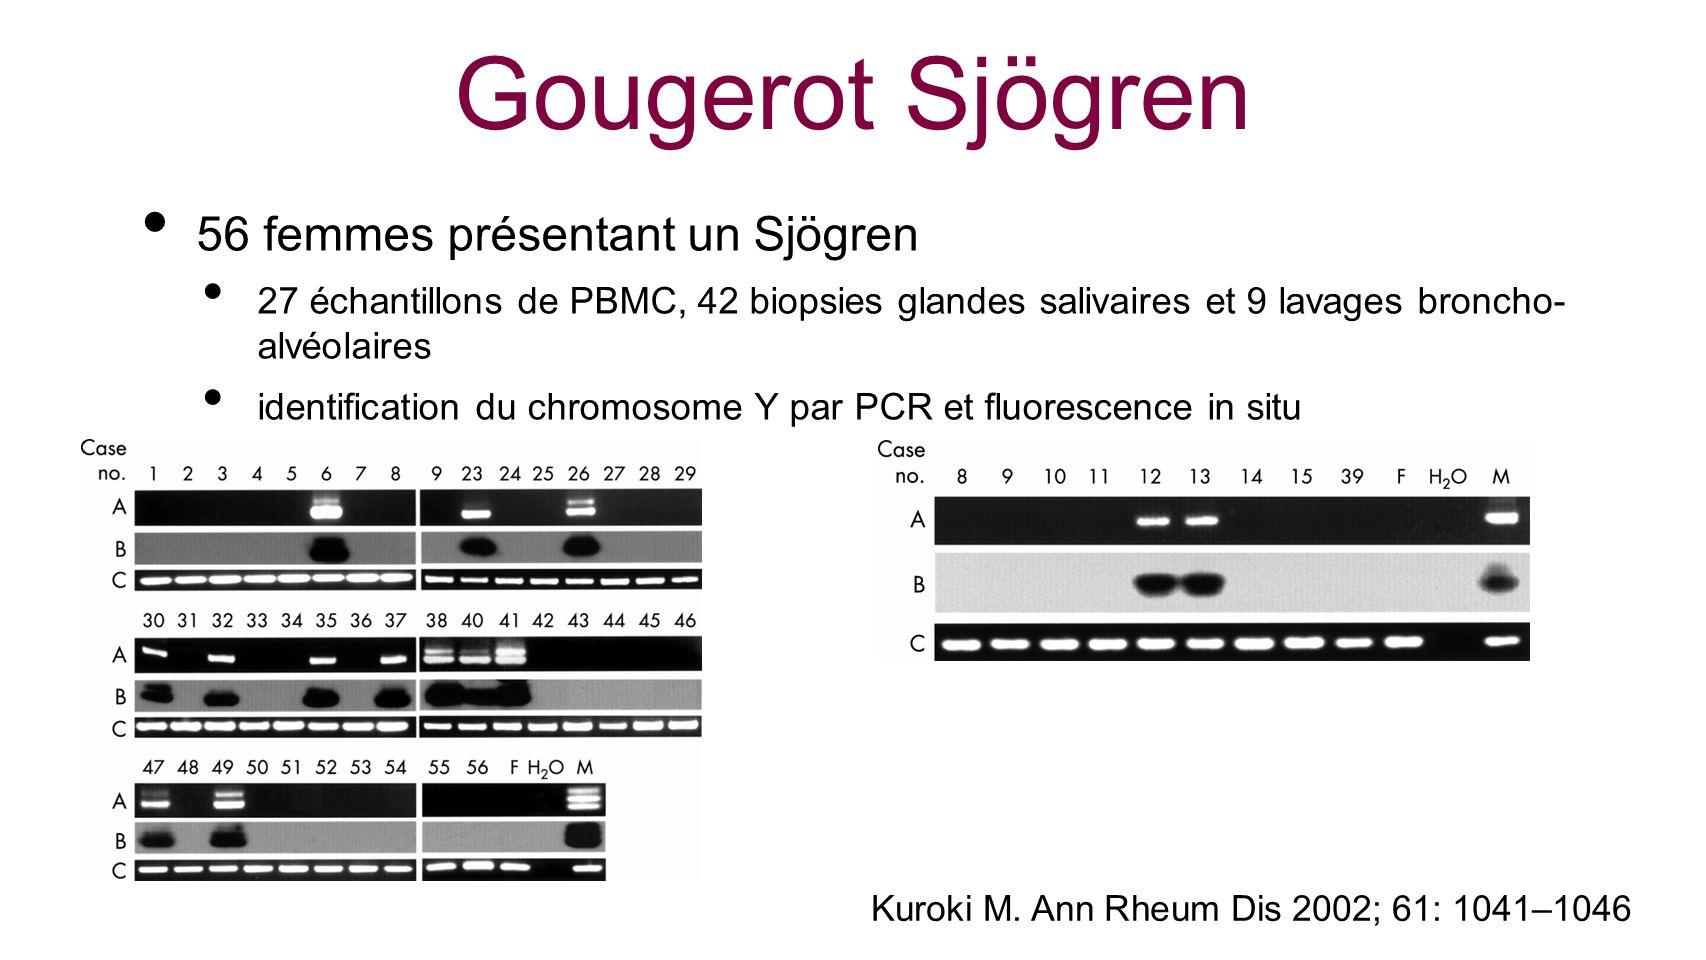 Kuroki M. Ann Rheum Dis 2002; 61: 1041–1046